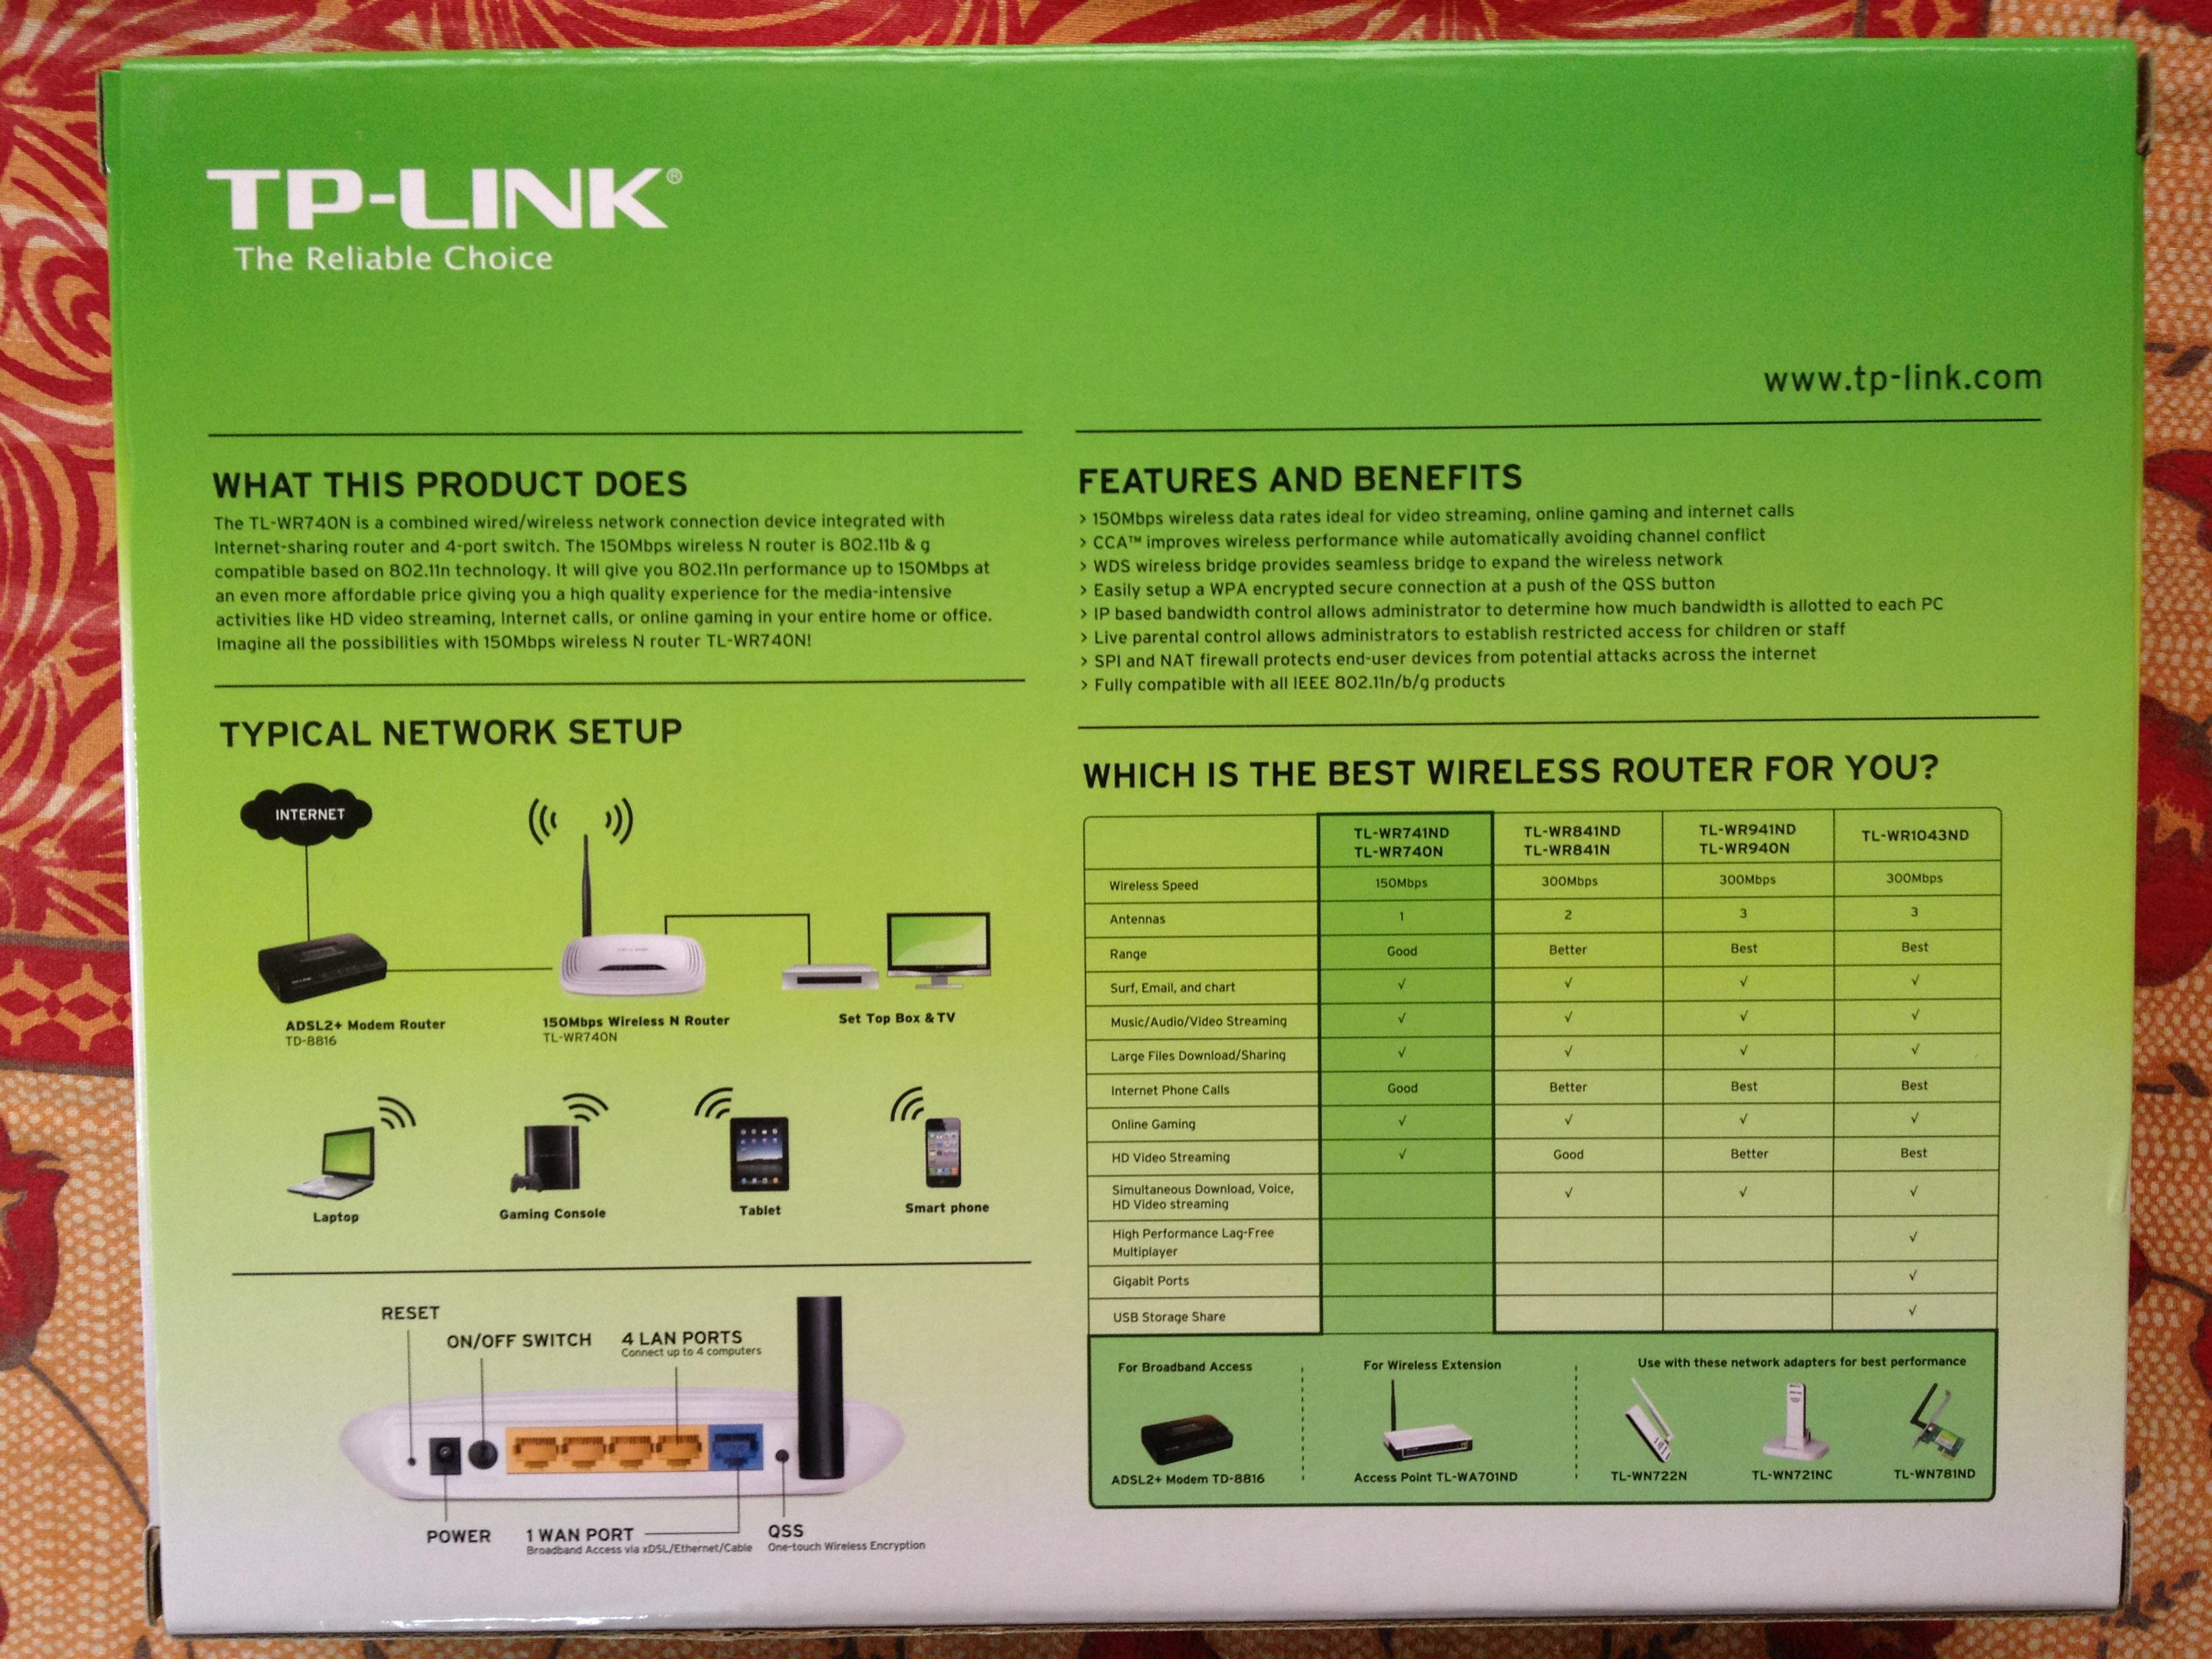 TP-LINK TL-WR740N box back side